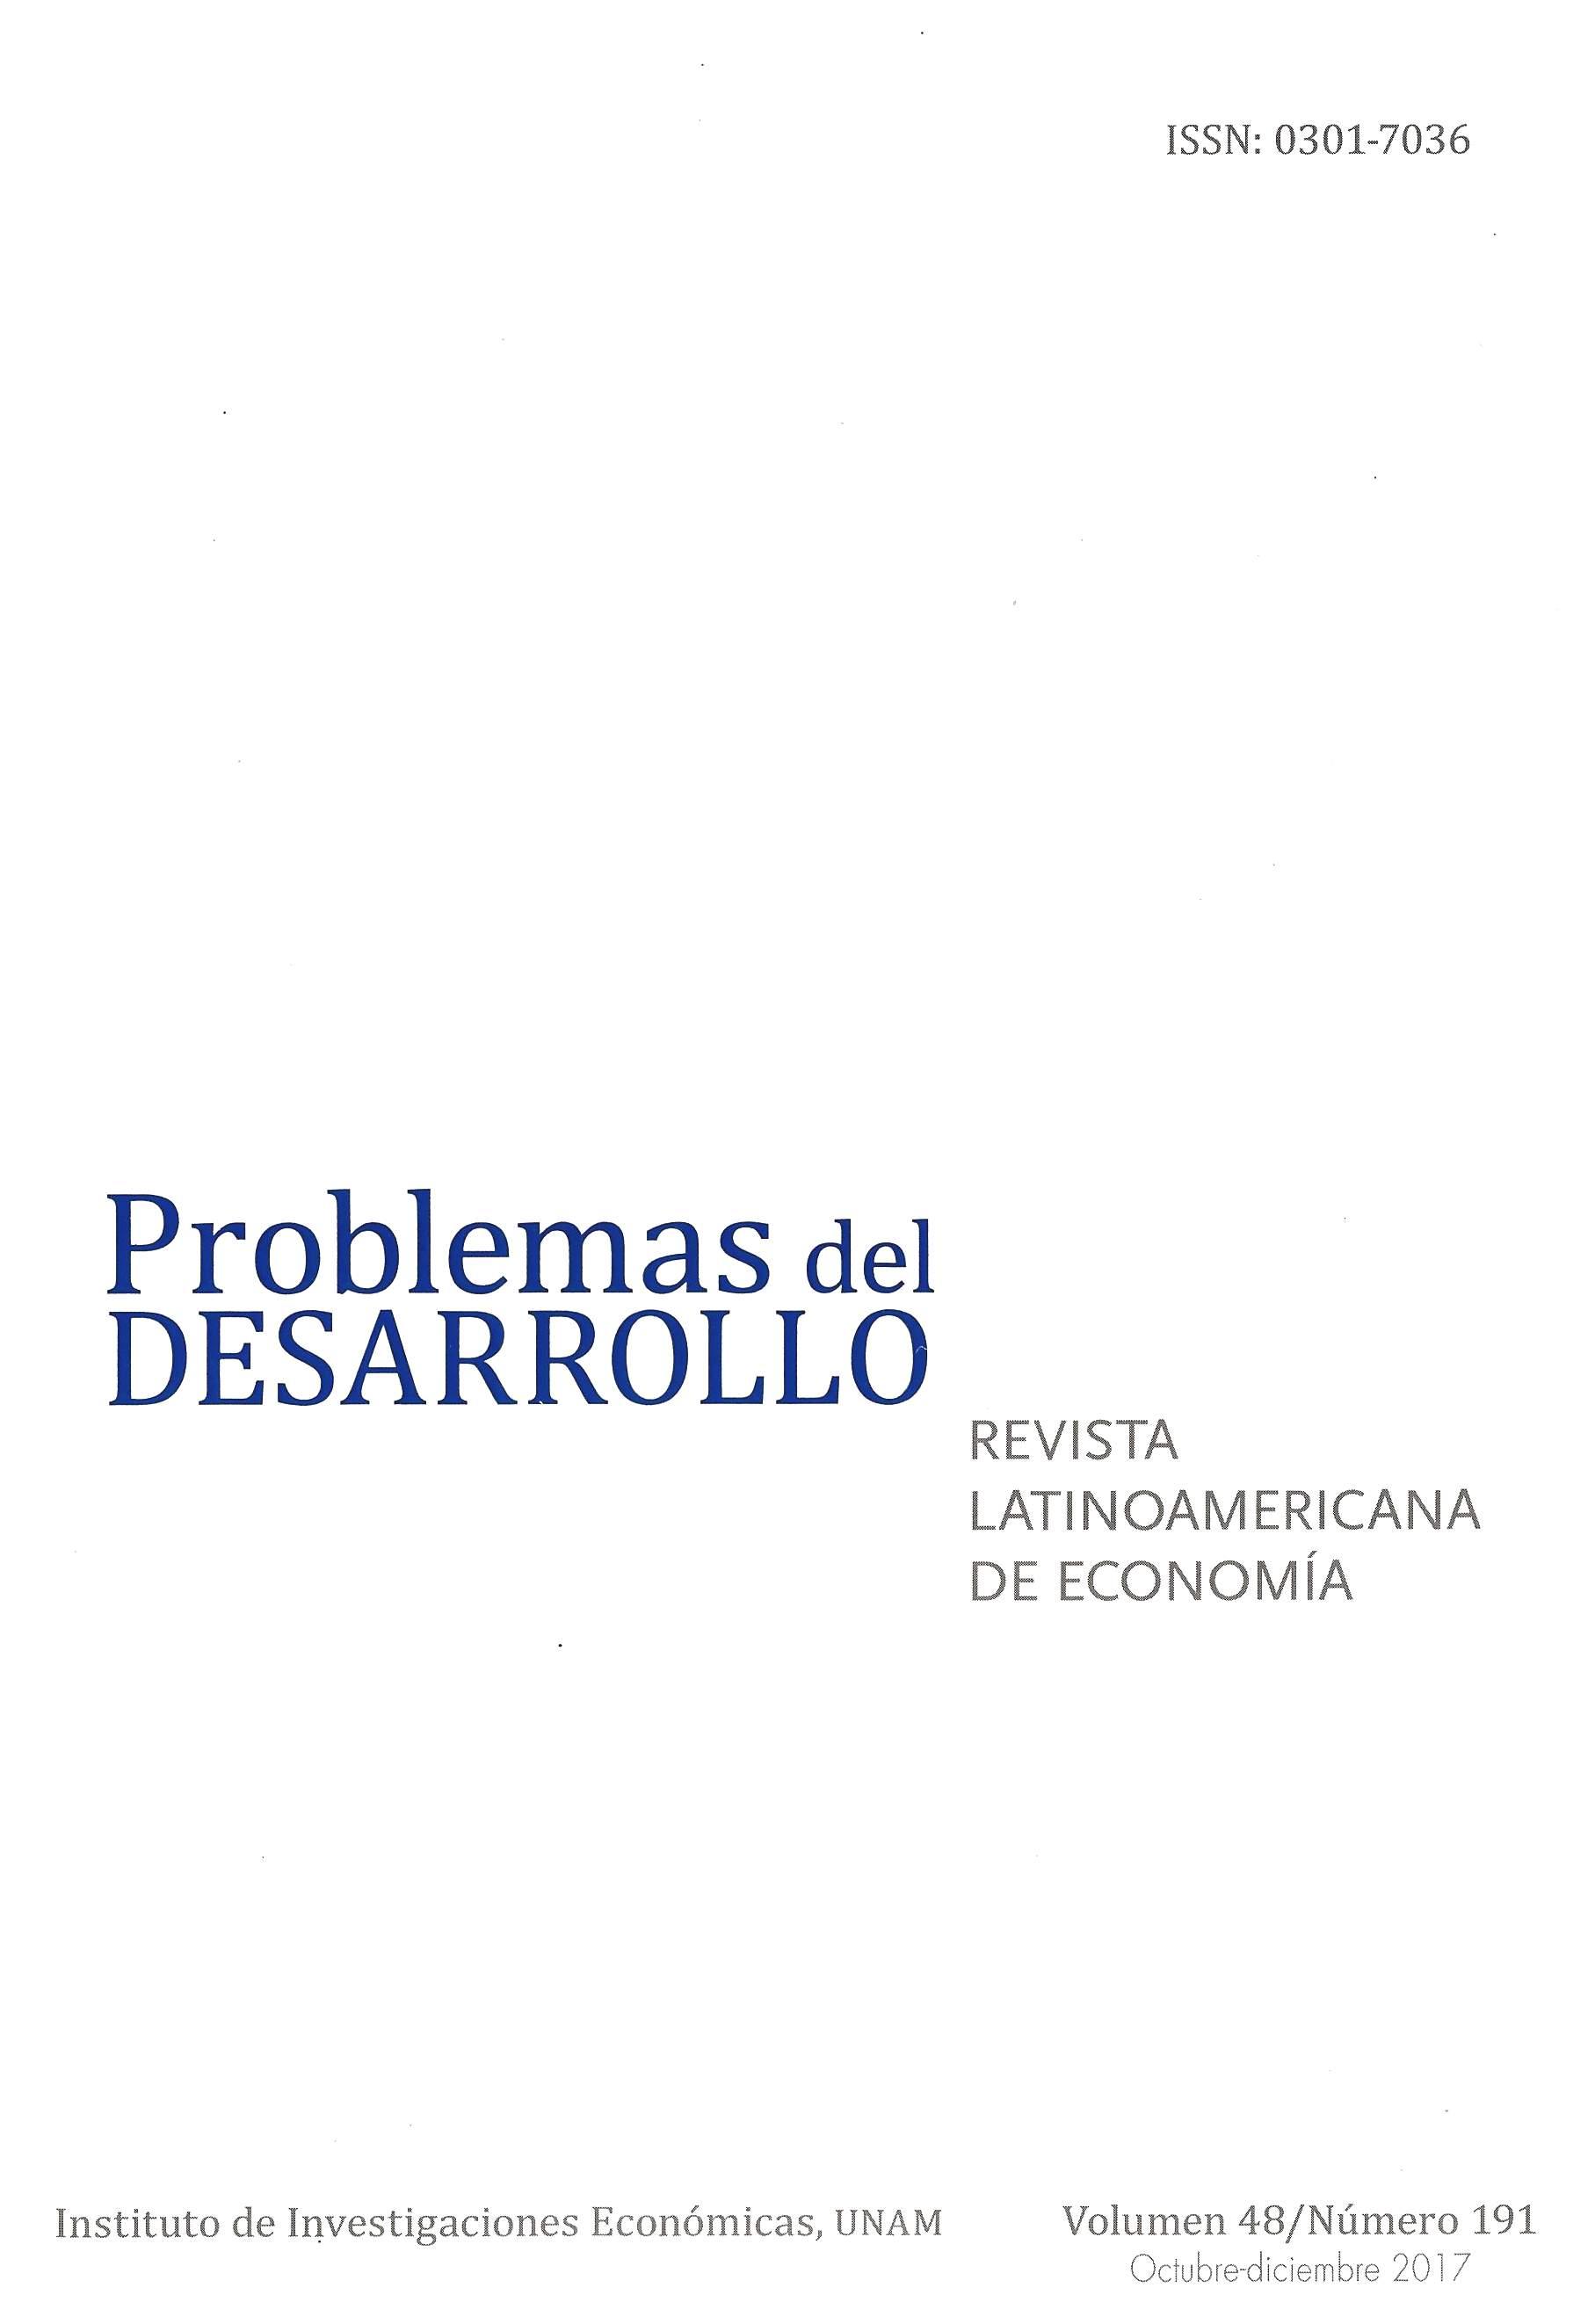 Problemas del Desarrollo. Revista latinoamericana de economía, vol. 48, núm. 191, oct-dic 2017